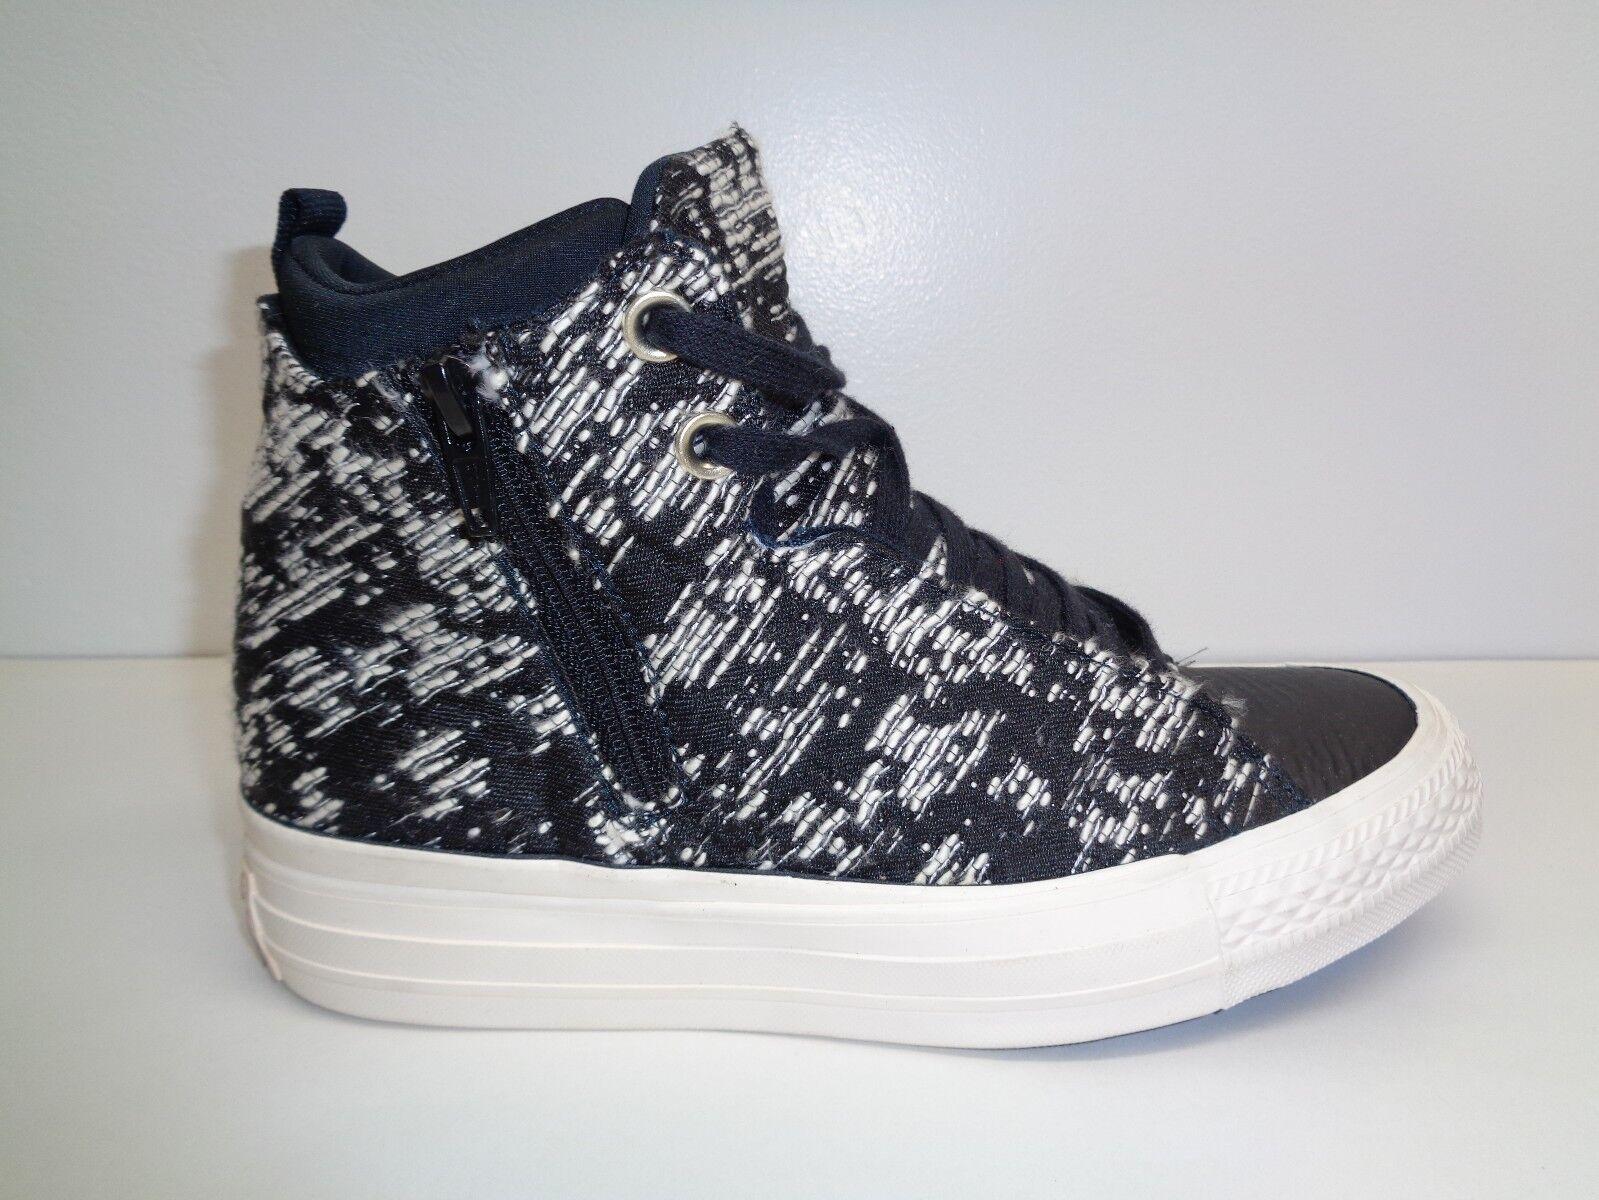 Converse Größe 8 SELENE WINTER Sneakers KNIT Weiß High Top Sneakers WINTER New Damenschuhe Schuhes a91b92